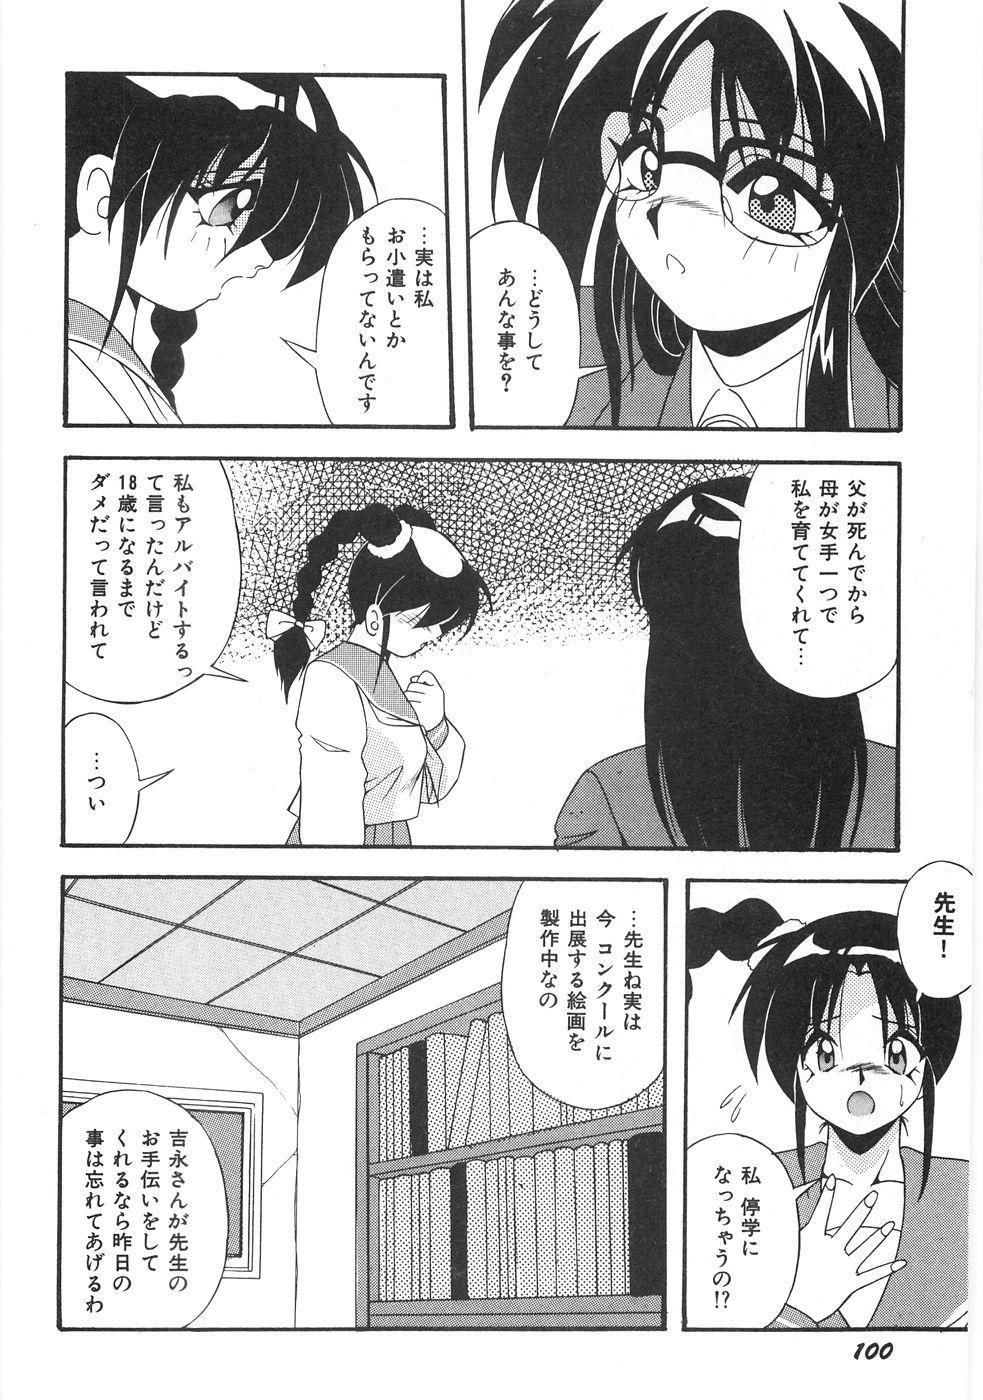 Seifuku Zukan Tenshi no Mitsugi 105